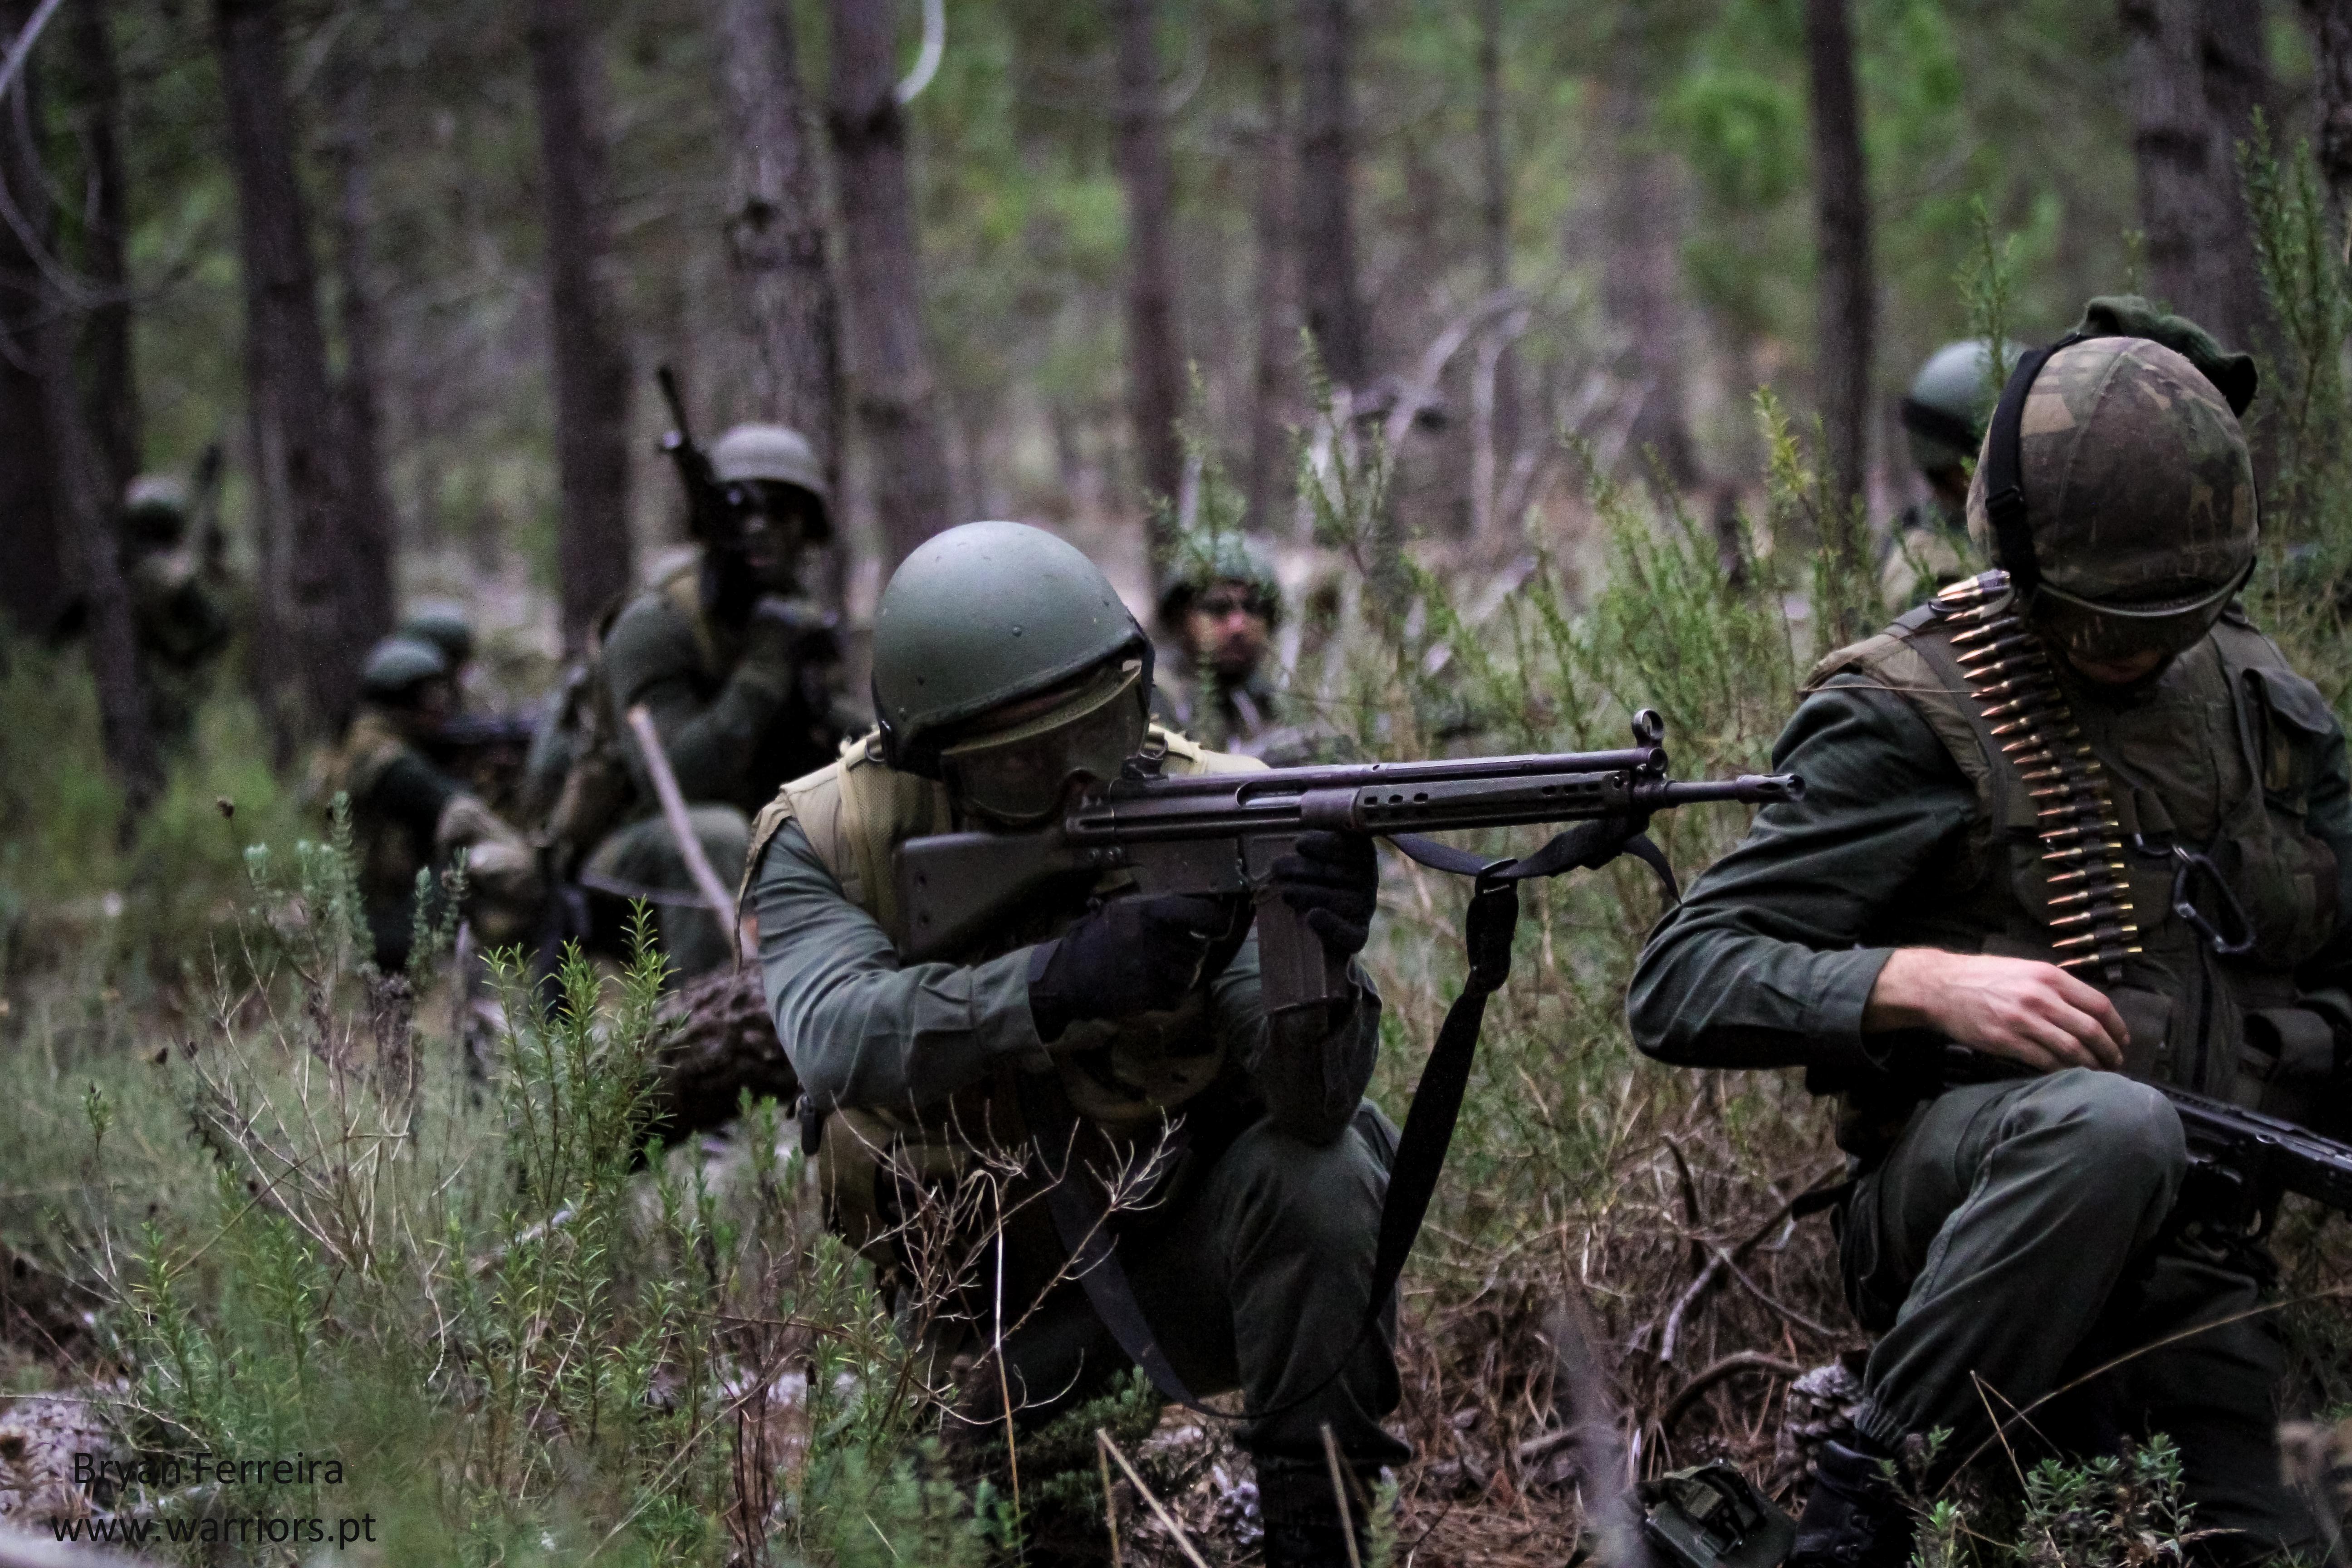 Fuzileiros Portugueses executam manobras de contacto. Estão equipados com espingardas automáticas G3, metralhadoras Mg3 e Lança-Granadas HK79